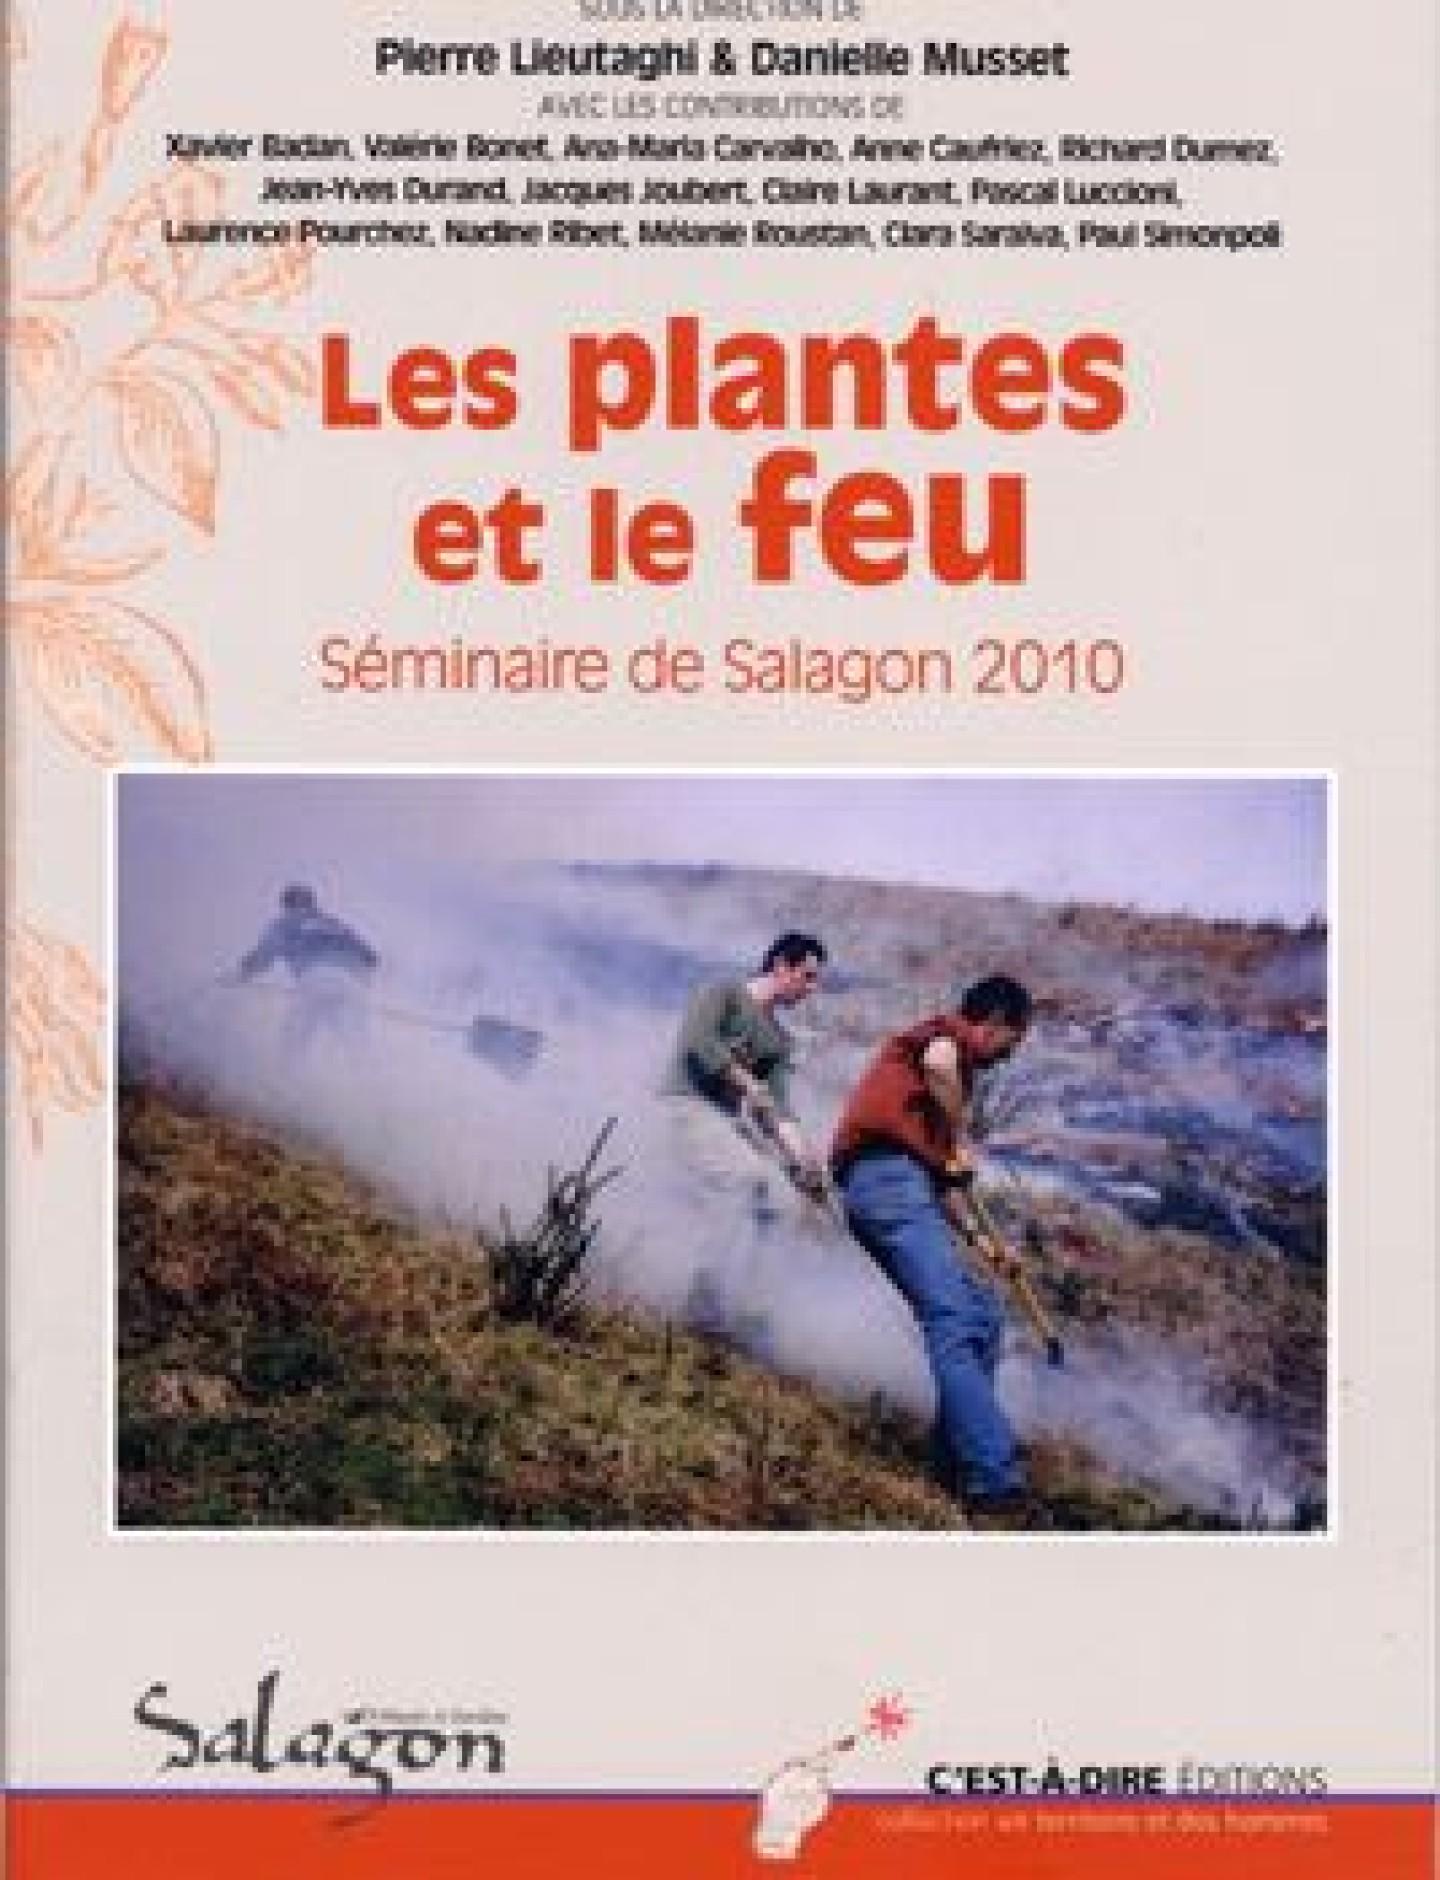 Les plantes et le feu. Séminaire de Salagon 2010 - Pierre Lieutaghi,Danielle Musset